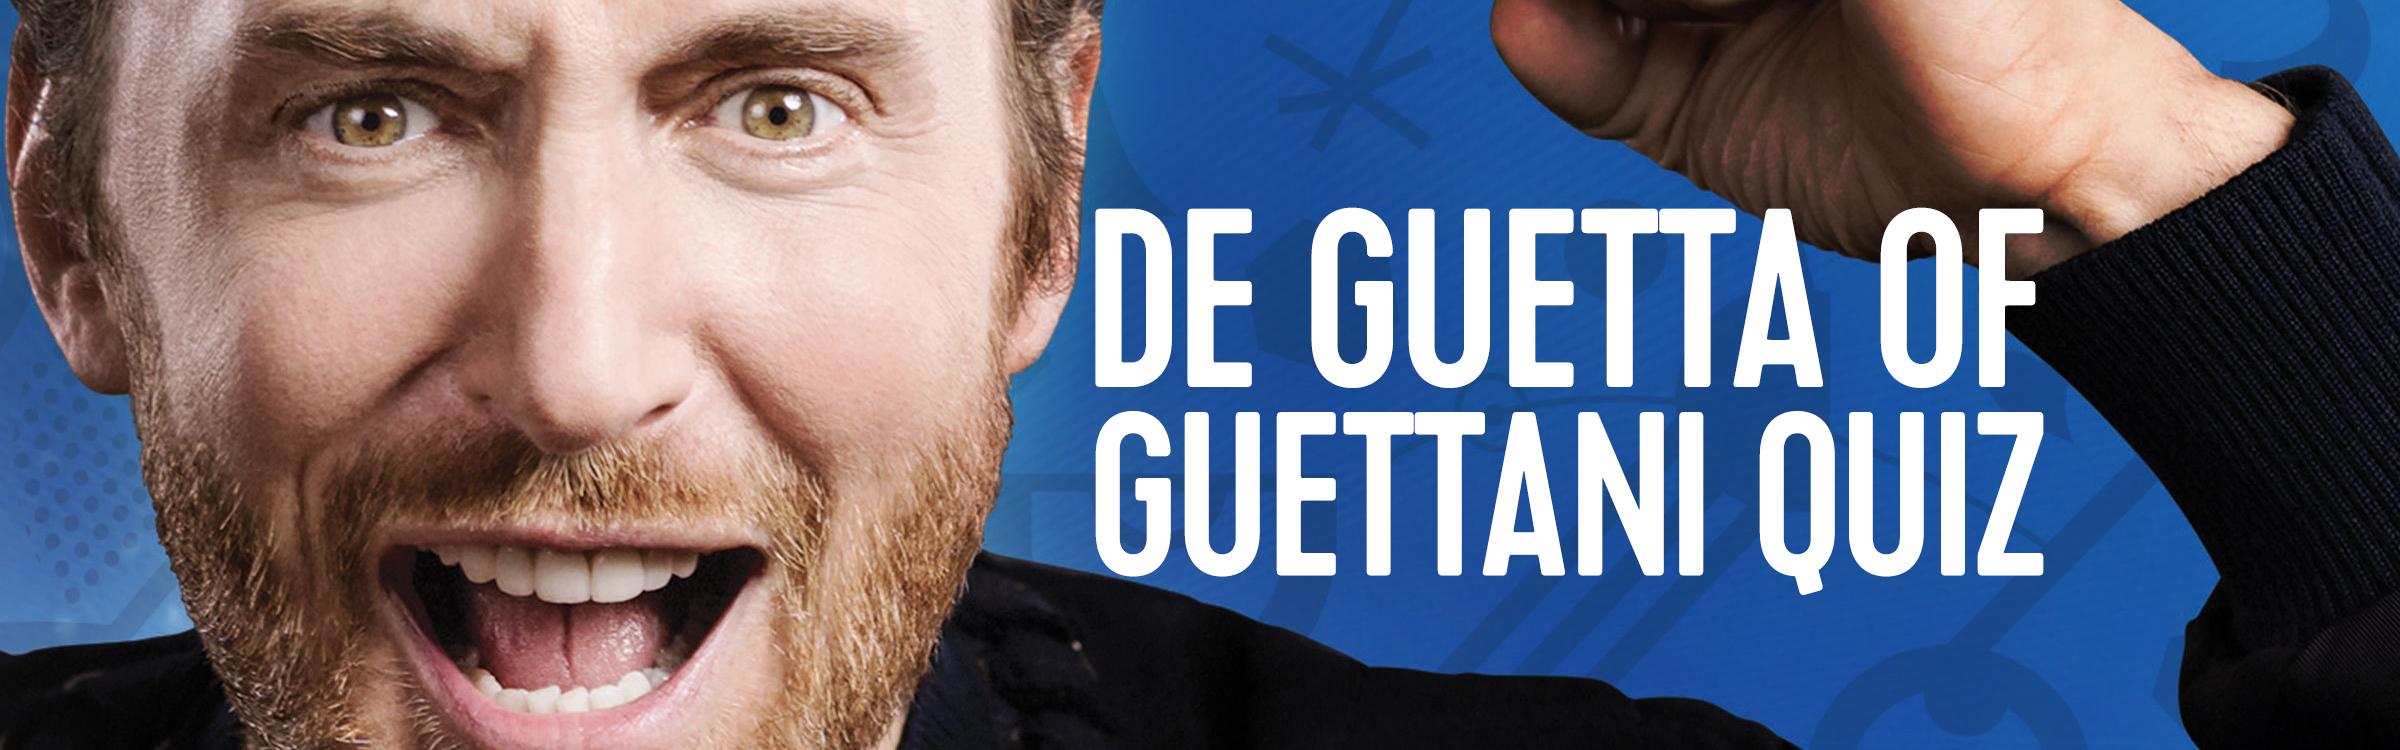 160511 guettaofguettani header